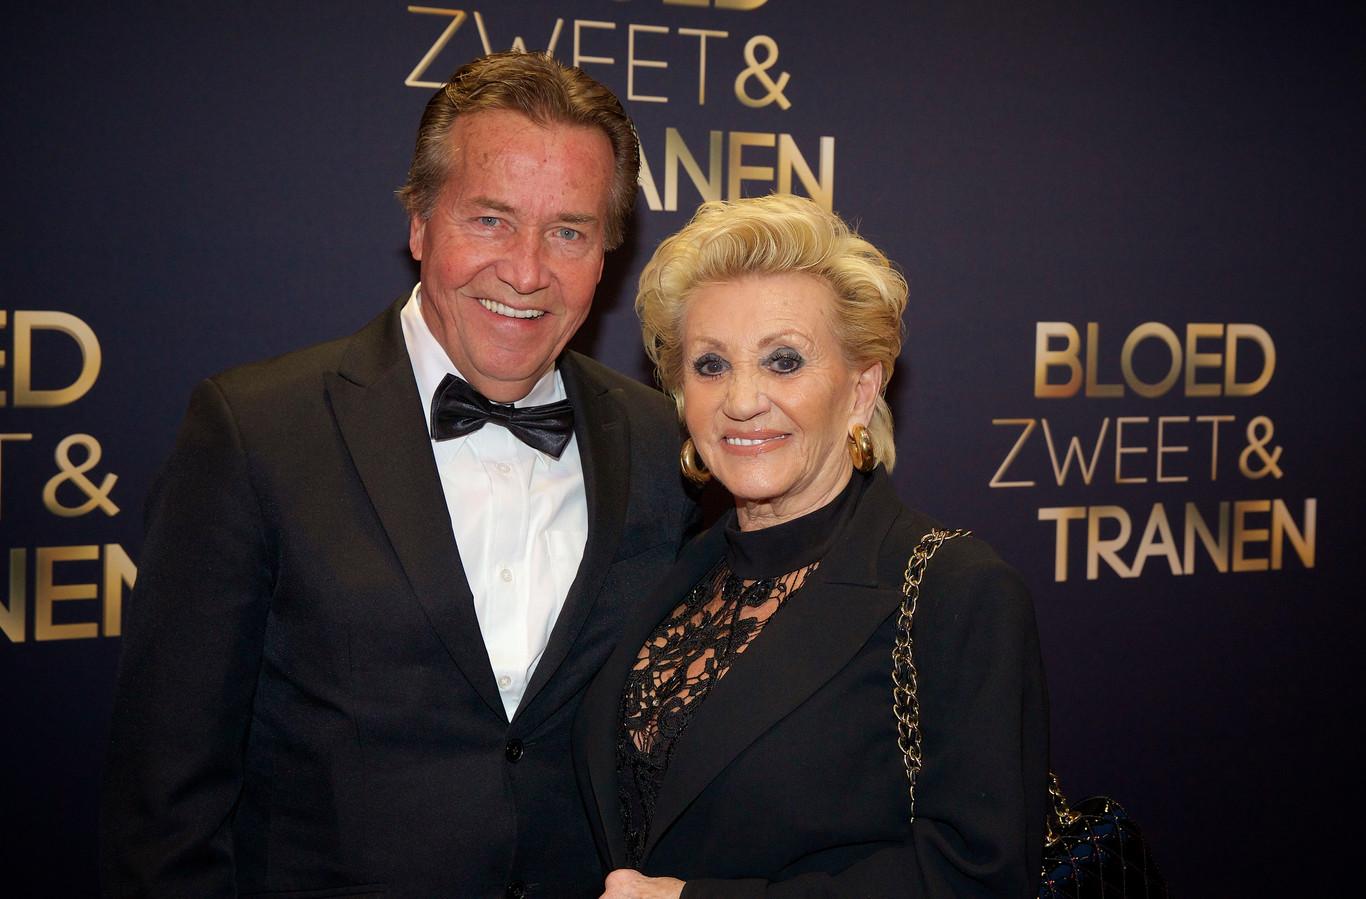 Ton en Hanny Veerkamp